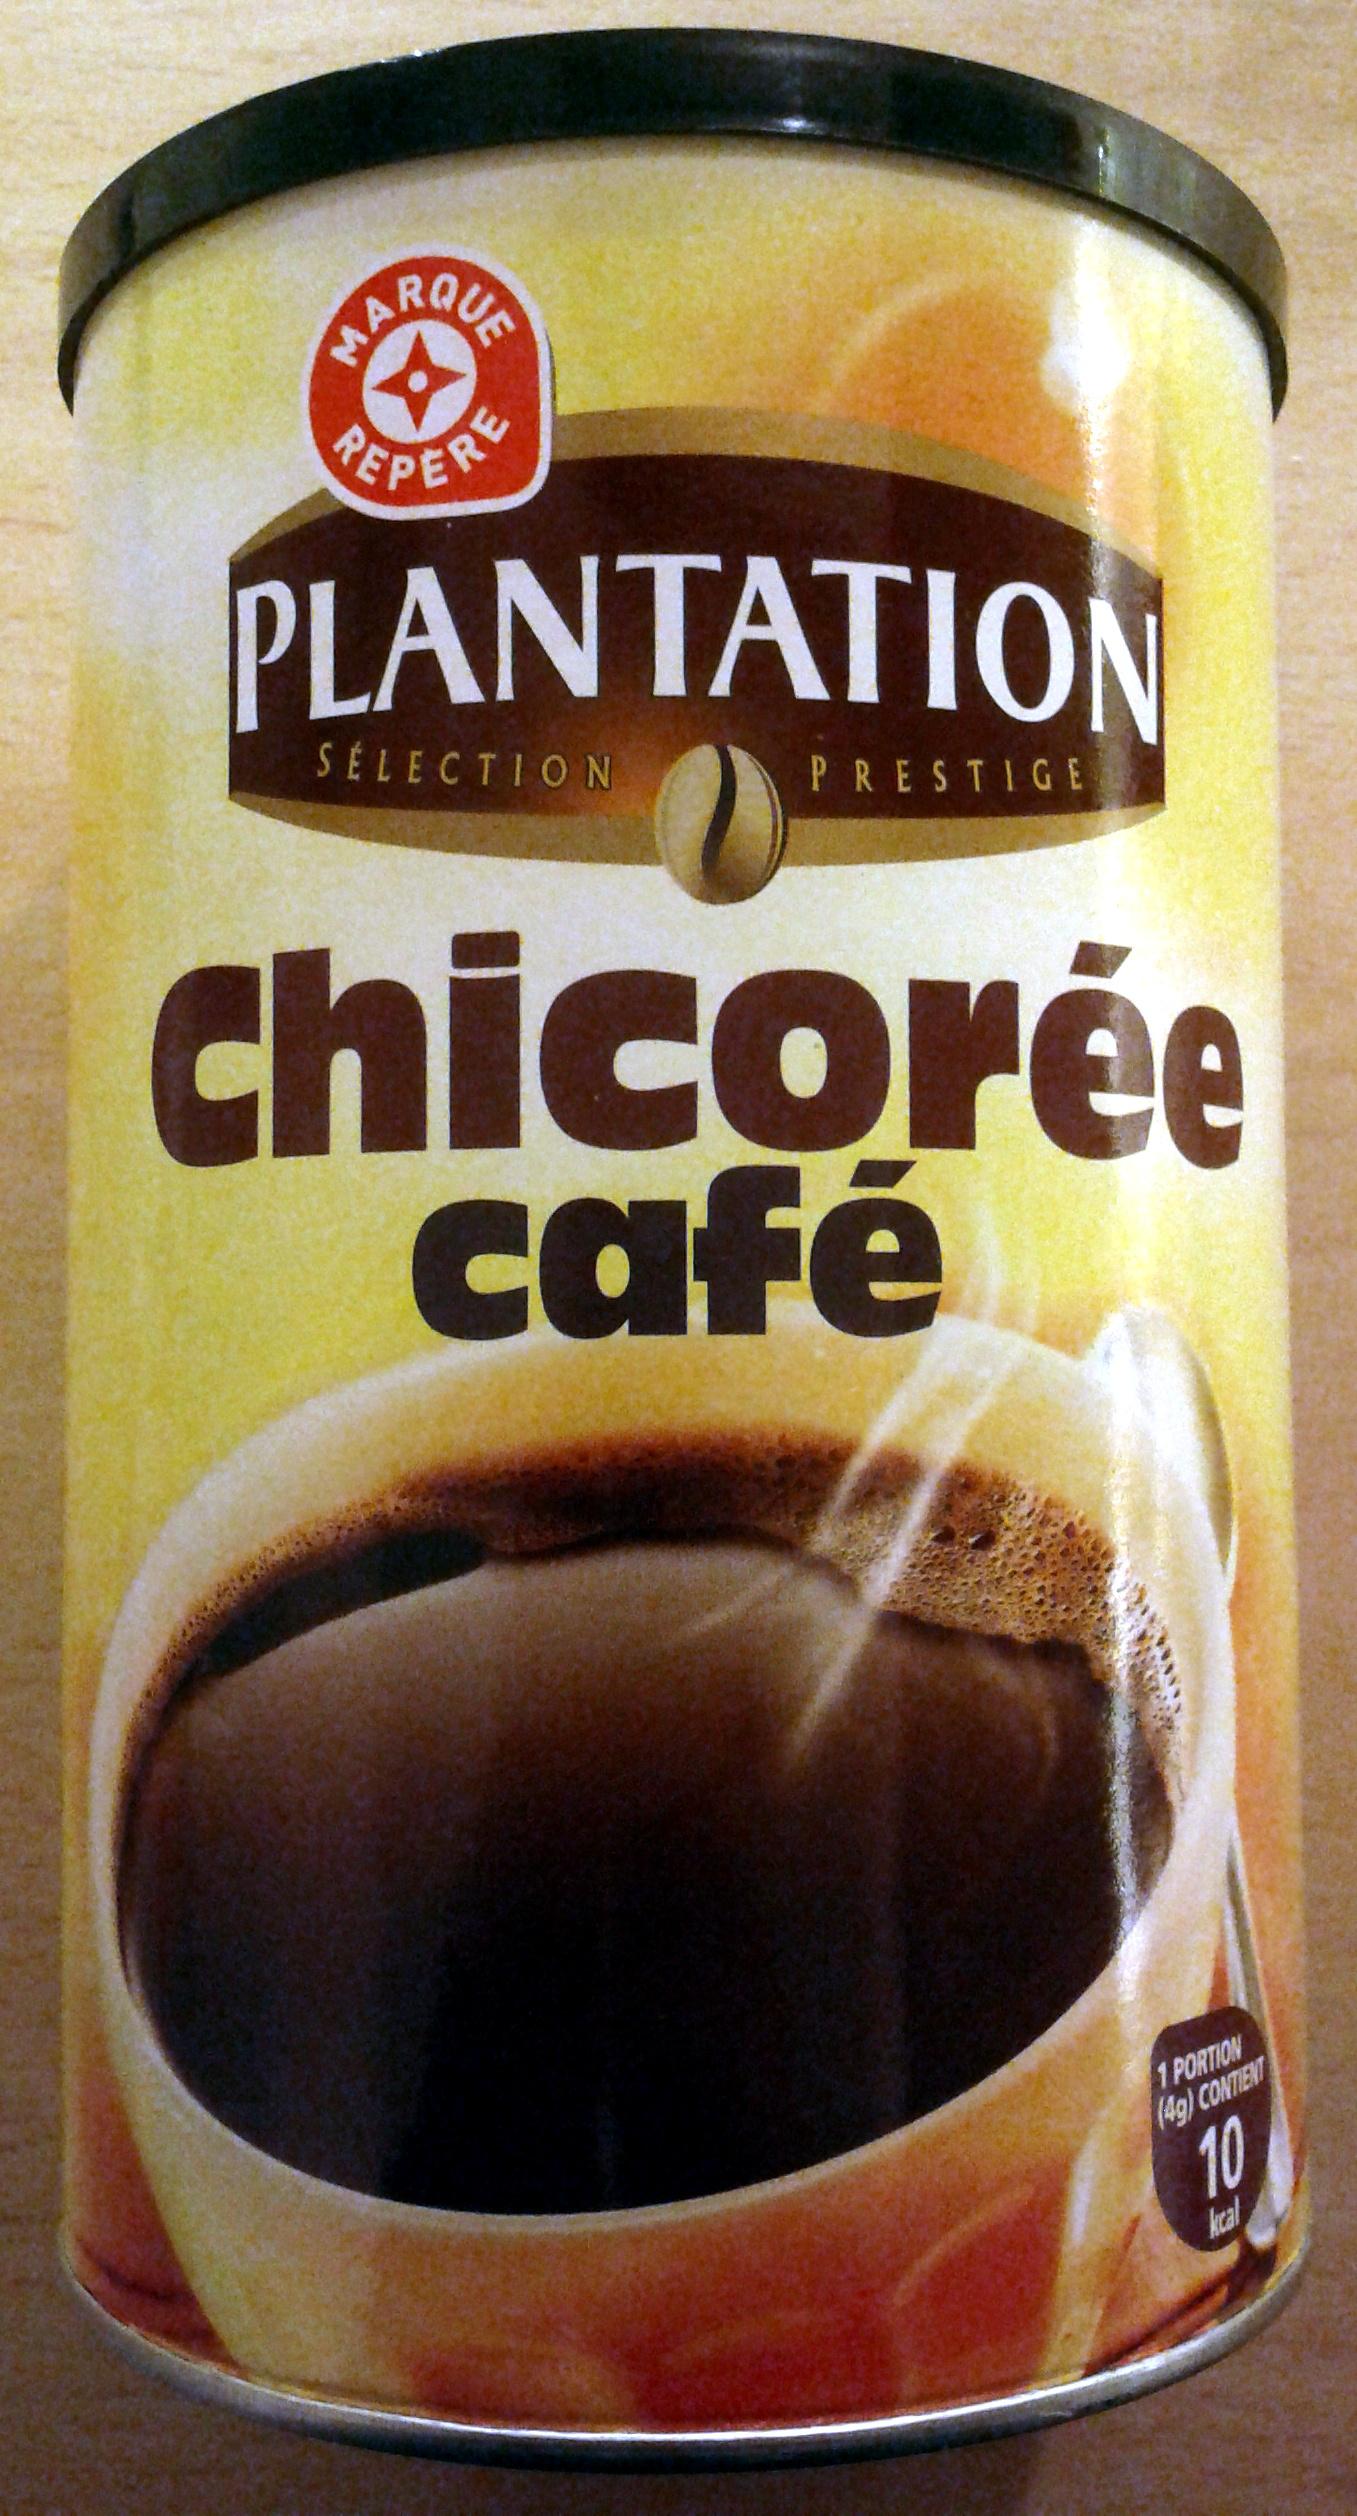 Chicorée Café Plantation 100 G